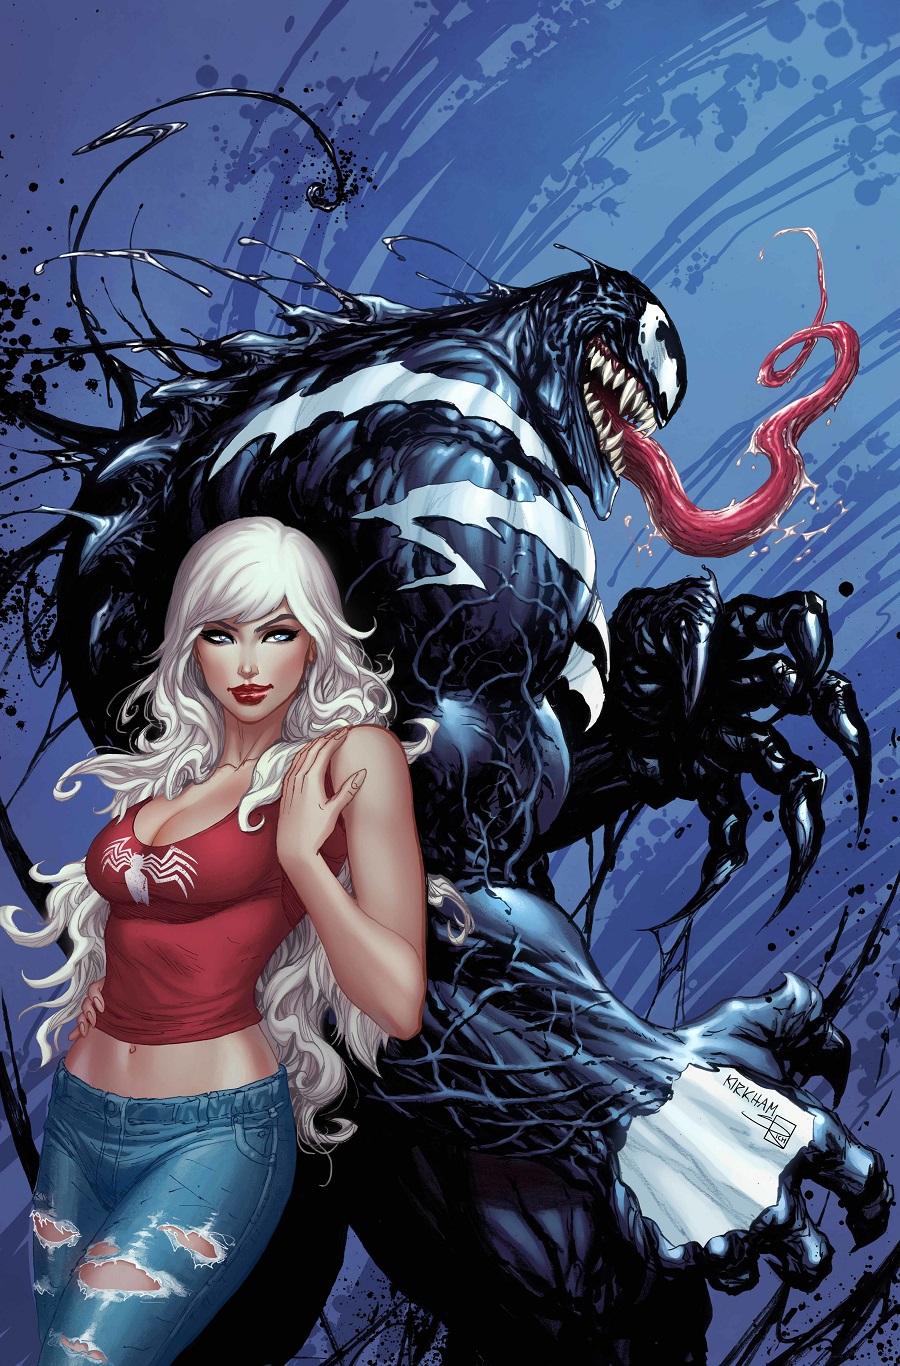 Spiderman Black Cat Cover